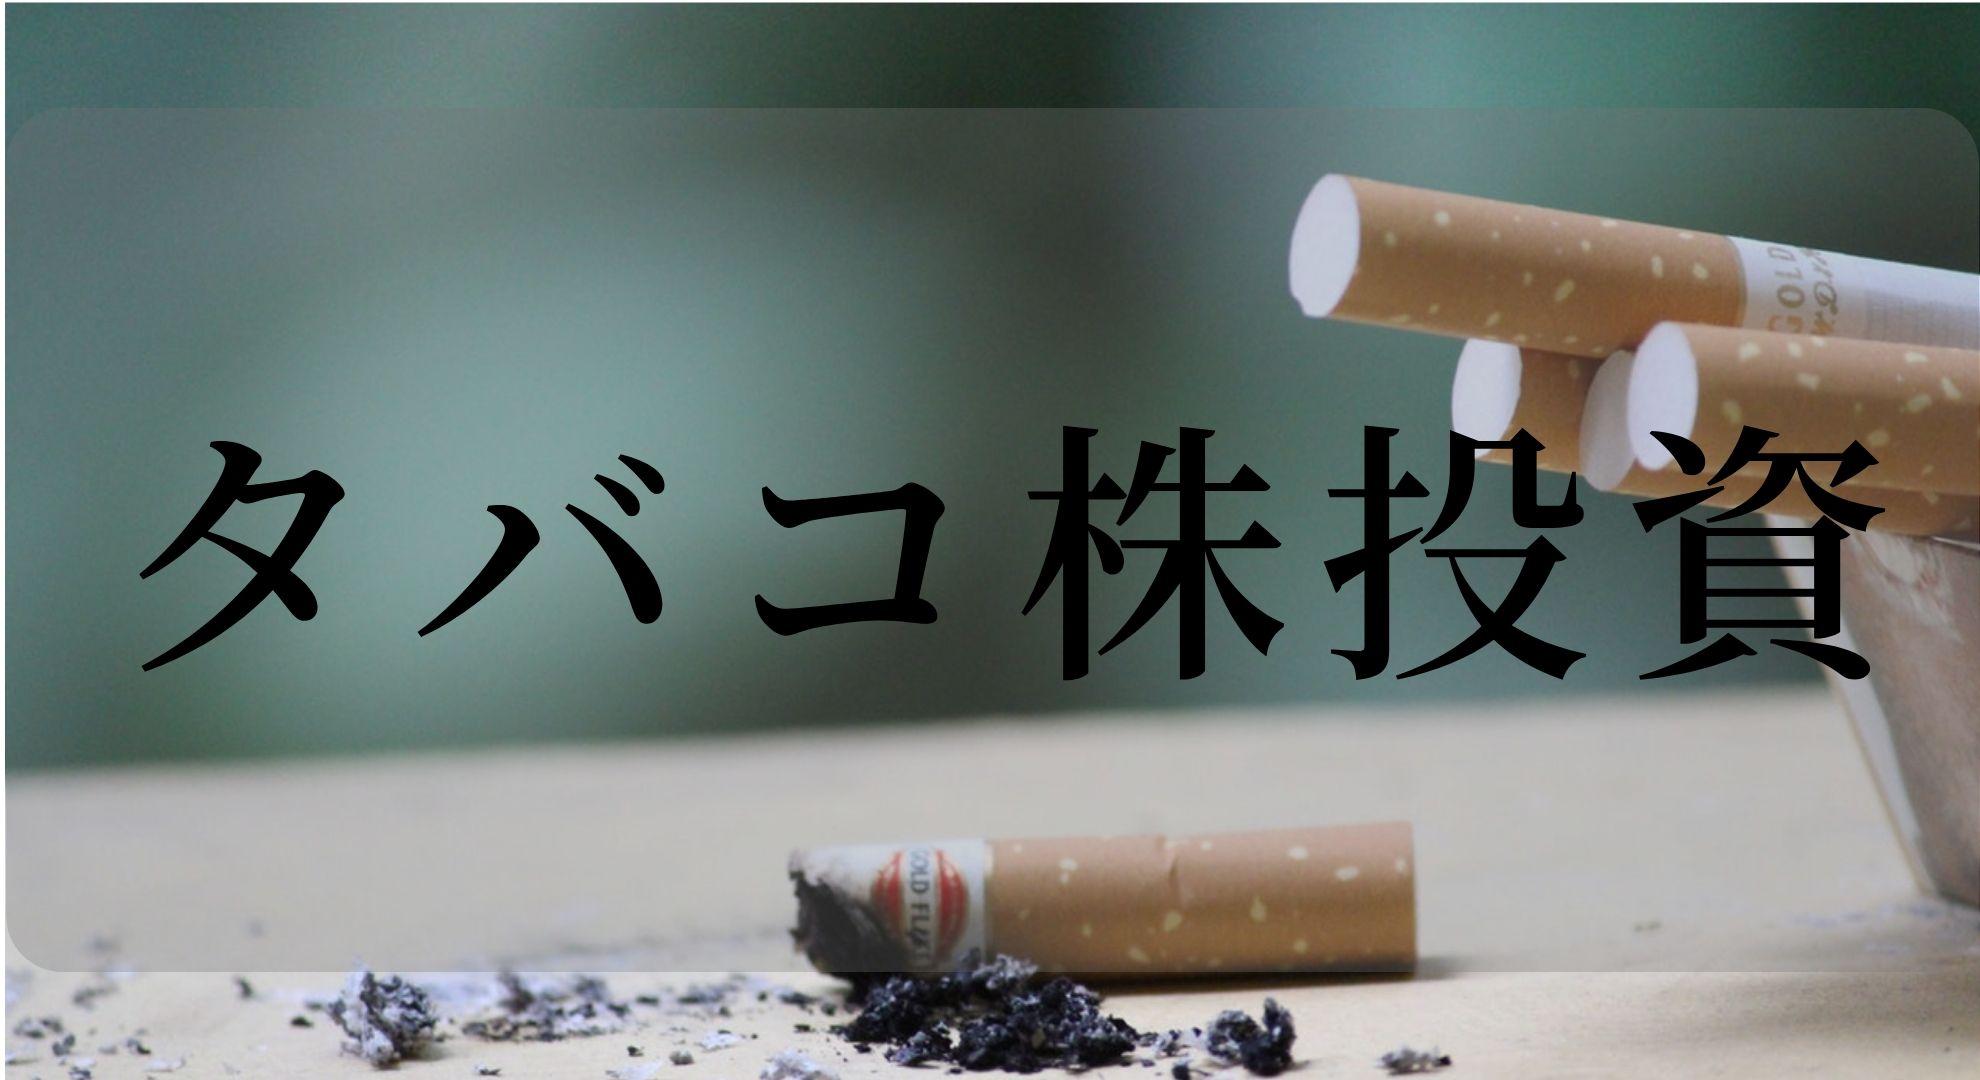 過去最もリターンの高かったタバコ株で資産形成・100万円タバコ株投資法の続き・・・2019年5月